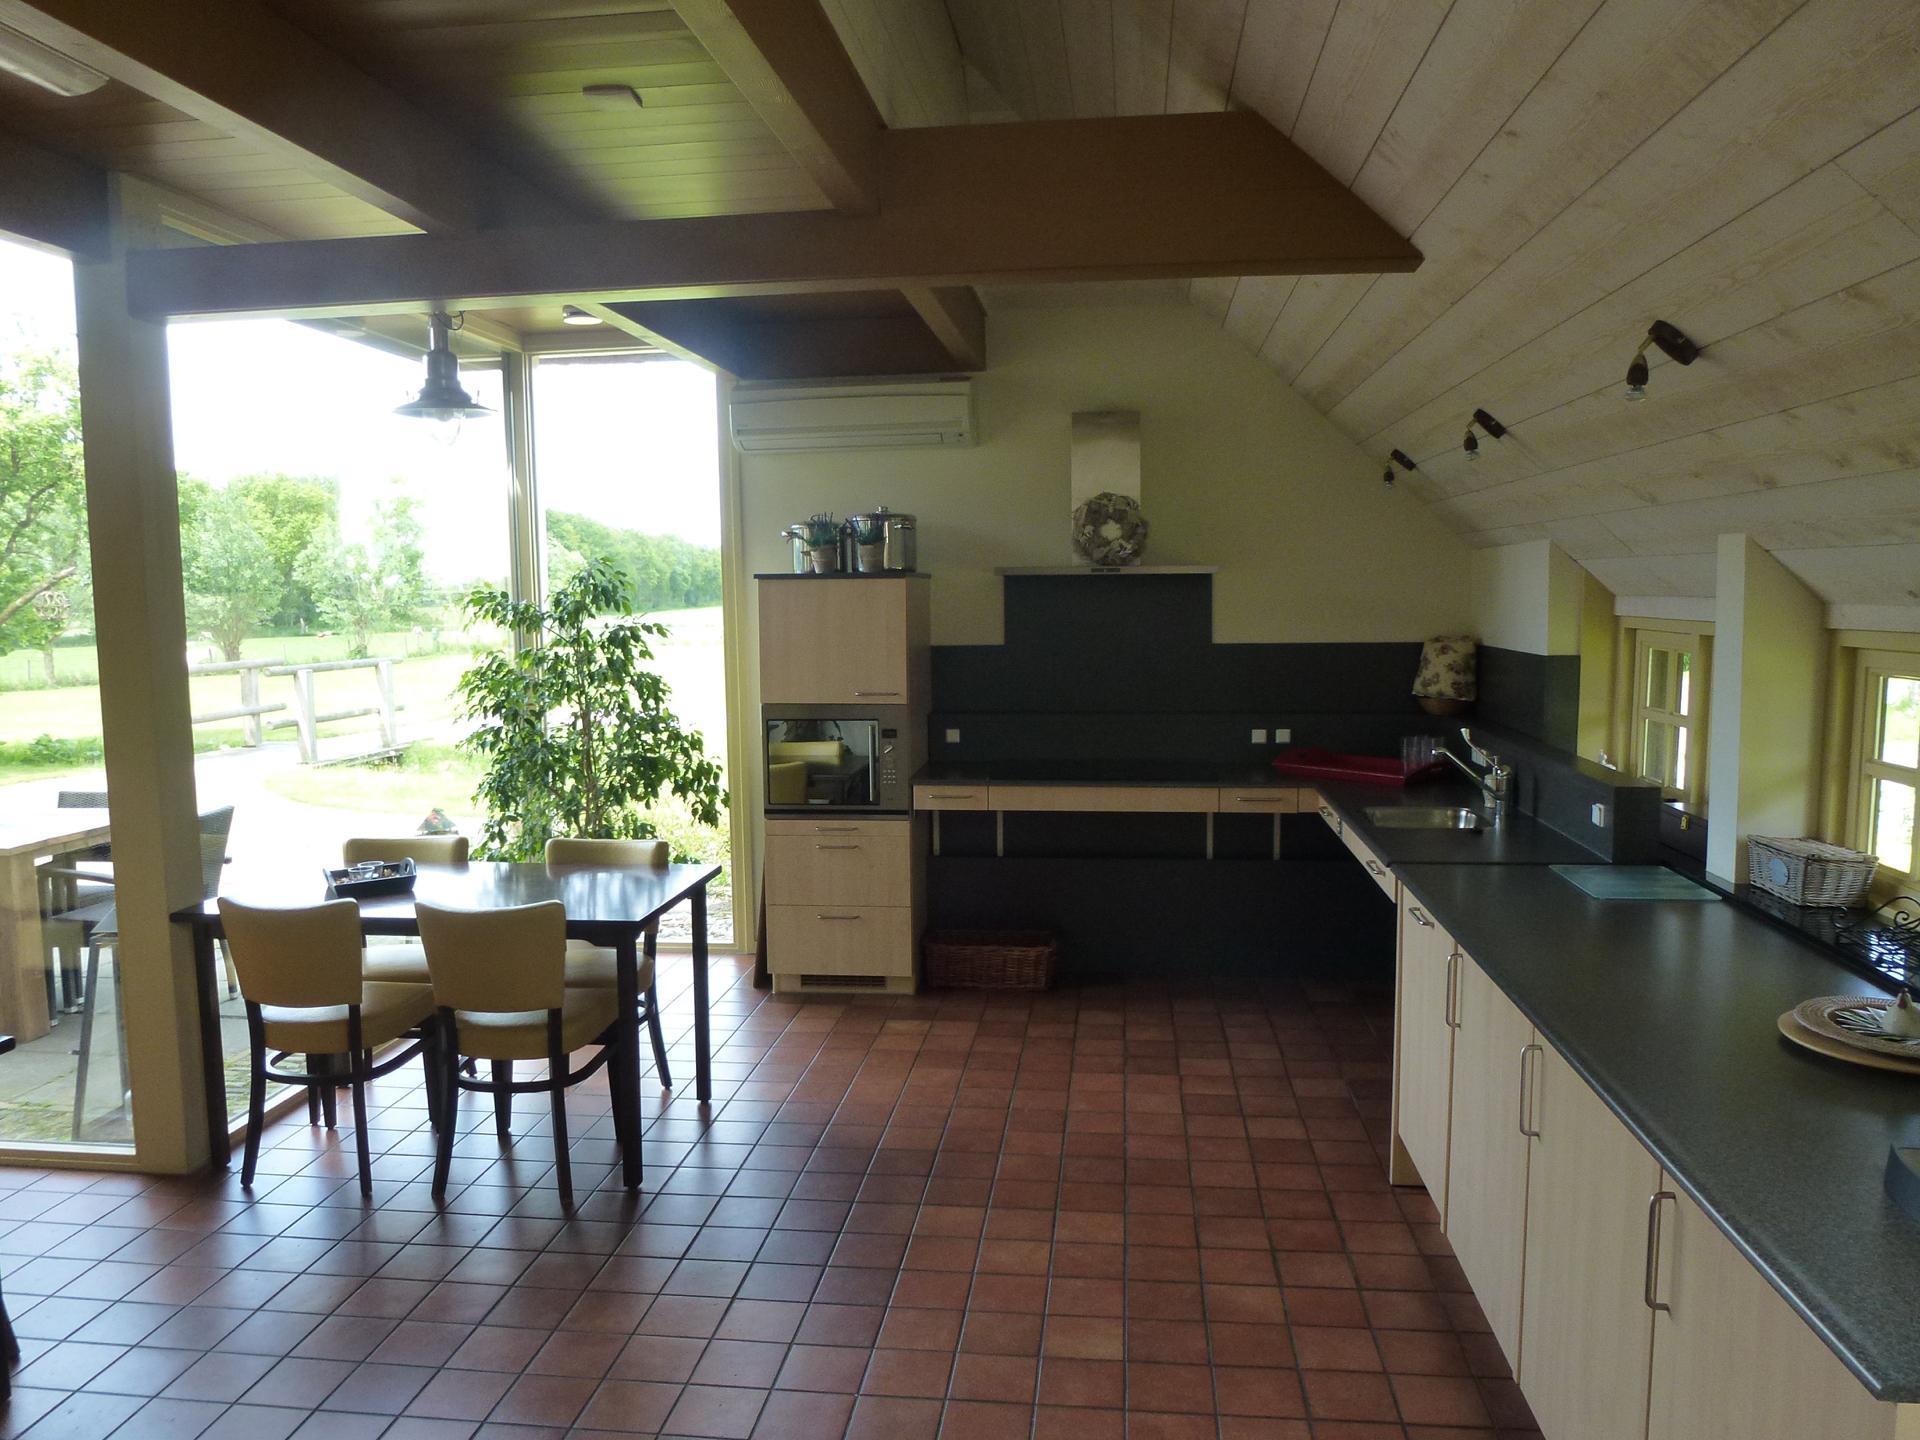 Design Keuken Groningen : Design keukens groningen ~ referenties op huis ontwerp interieur